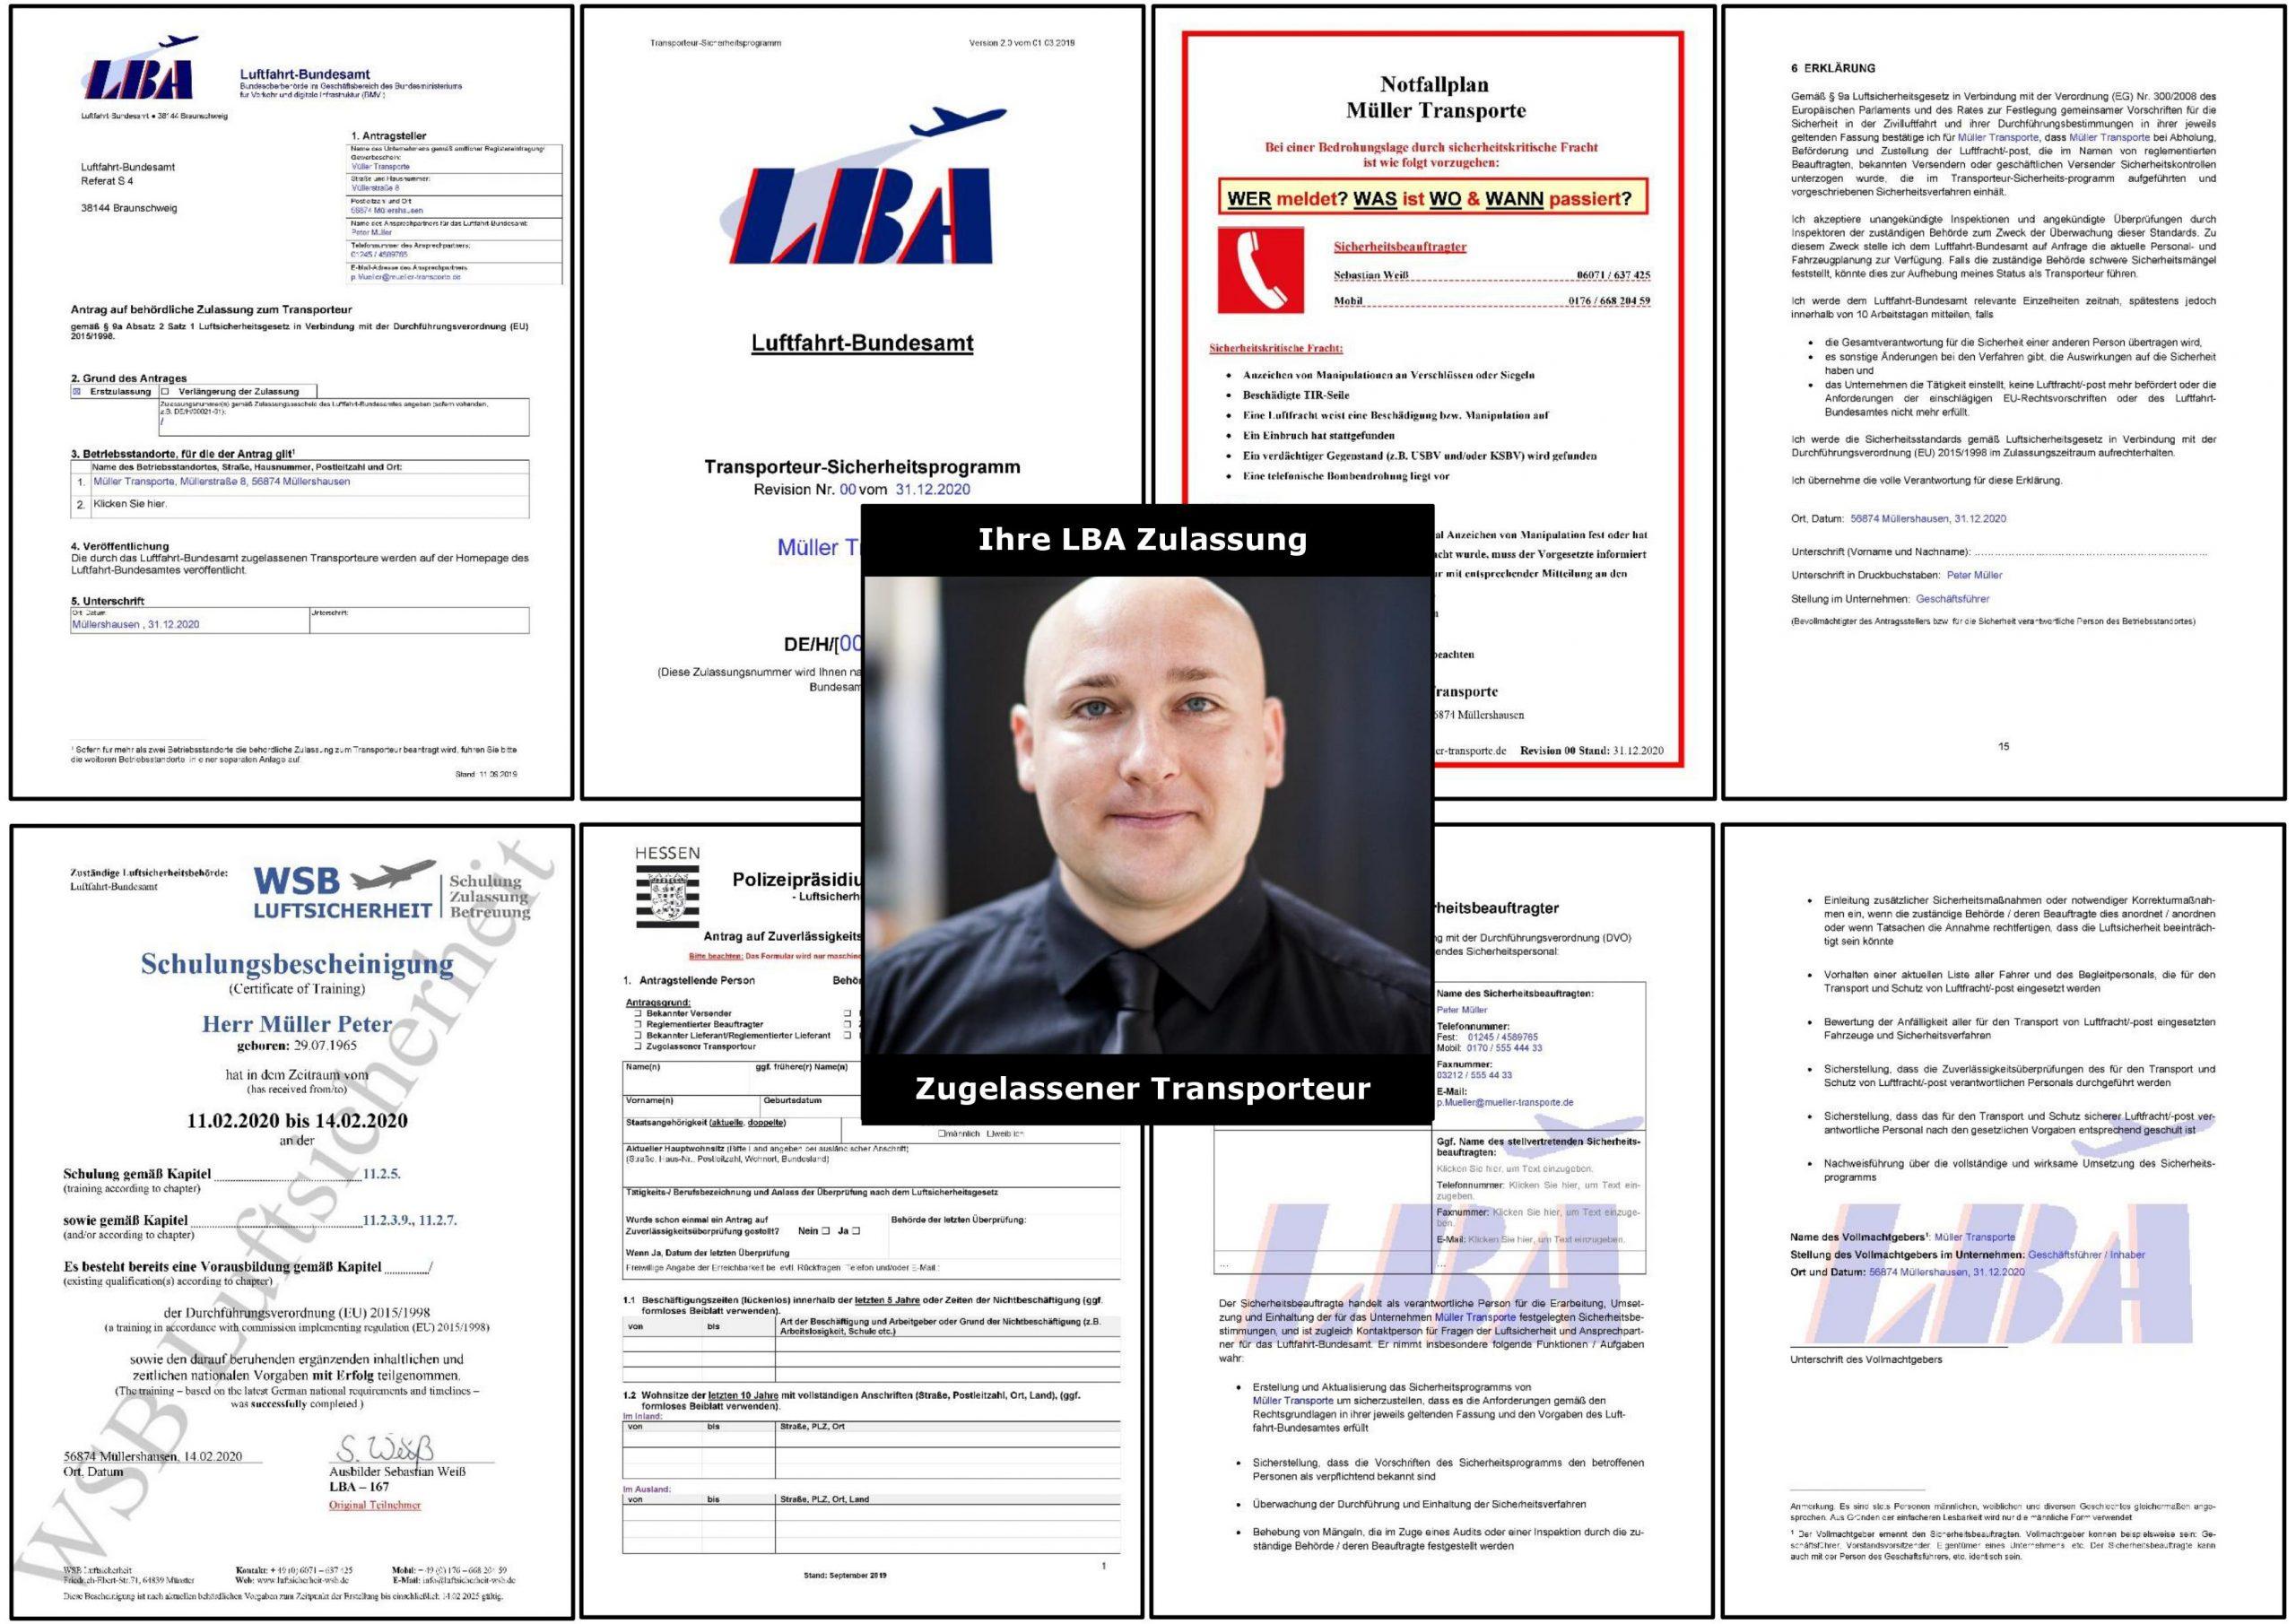 """So realisieren Sie Ihre LBA Zulassung als Zugelassener Transporteur SCHNELL,SICHER & STRESS-FREI trotz Corona! Sie erhalten alles notwendige und schonen Ihre Nerven vor """"unnötigen Behörden Kram"""" & sparen noch 1.499 €!!!"""